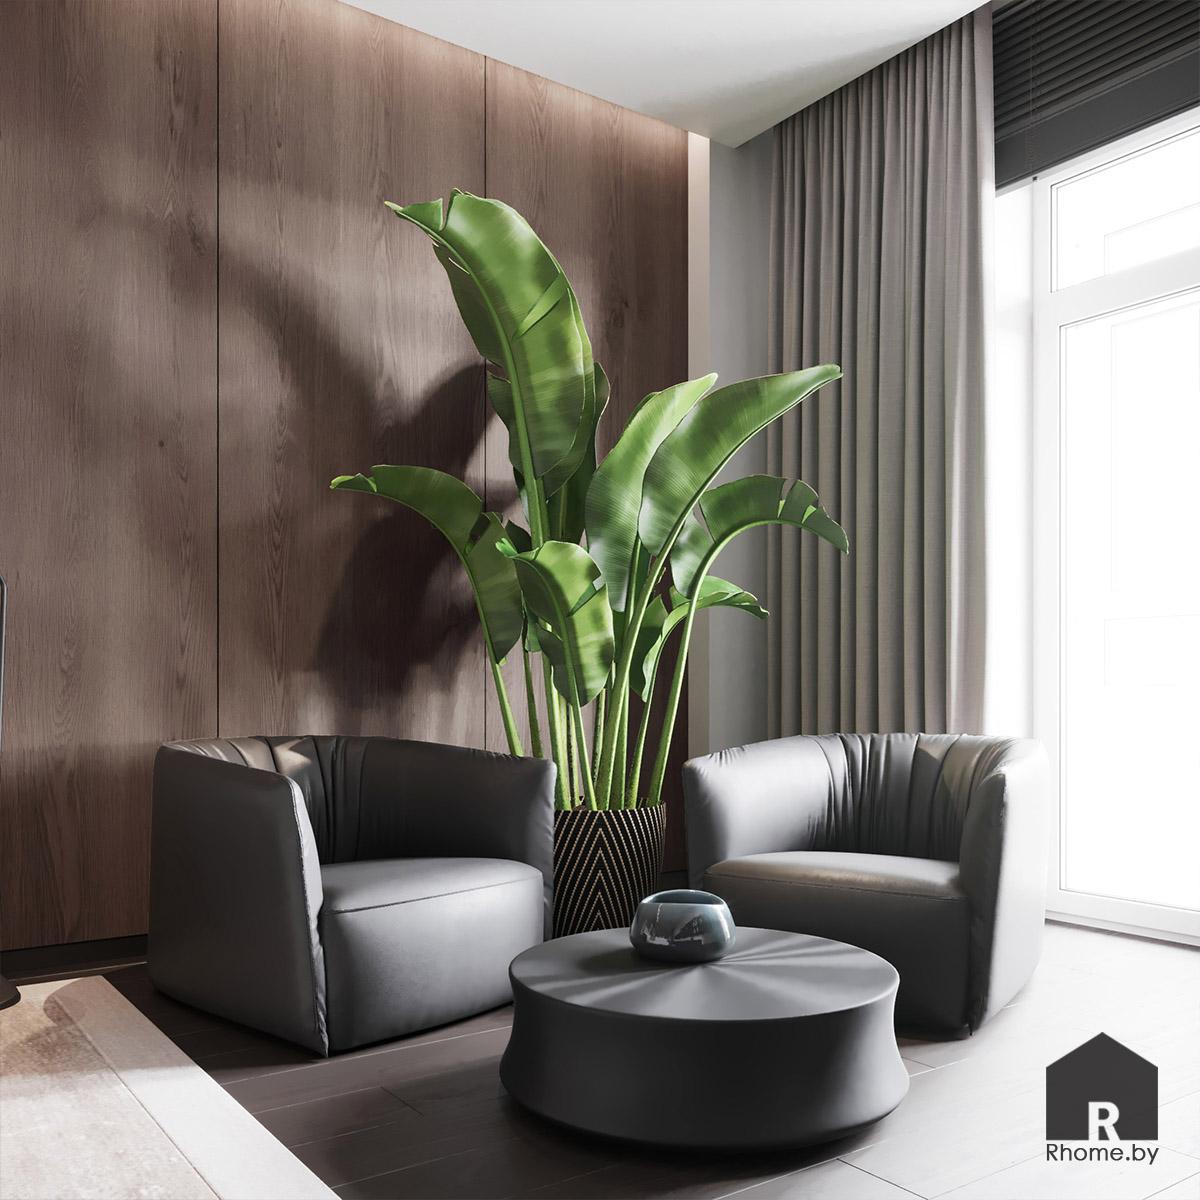 Дизайн интерьера спальни в квартире на улице Сторожевская | Дизайн студия – Rhome.by